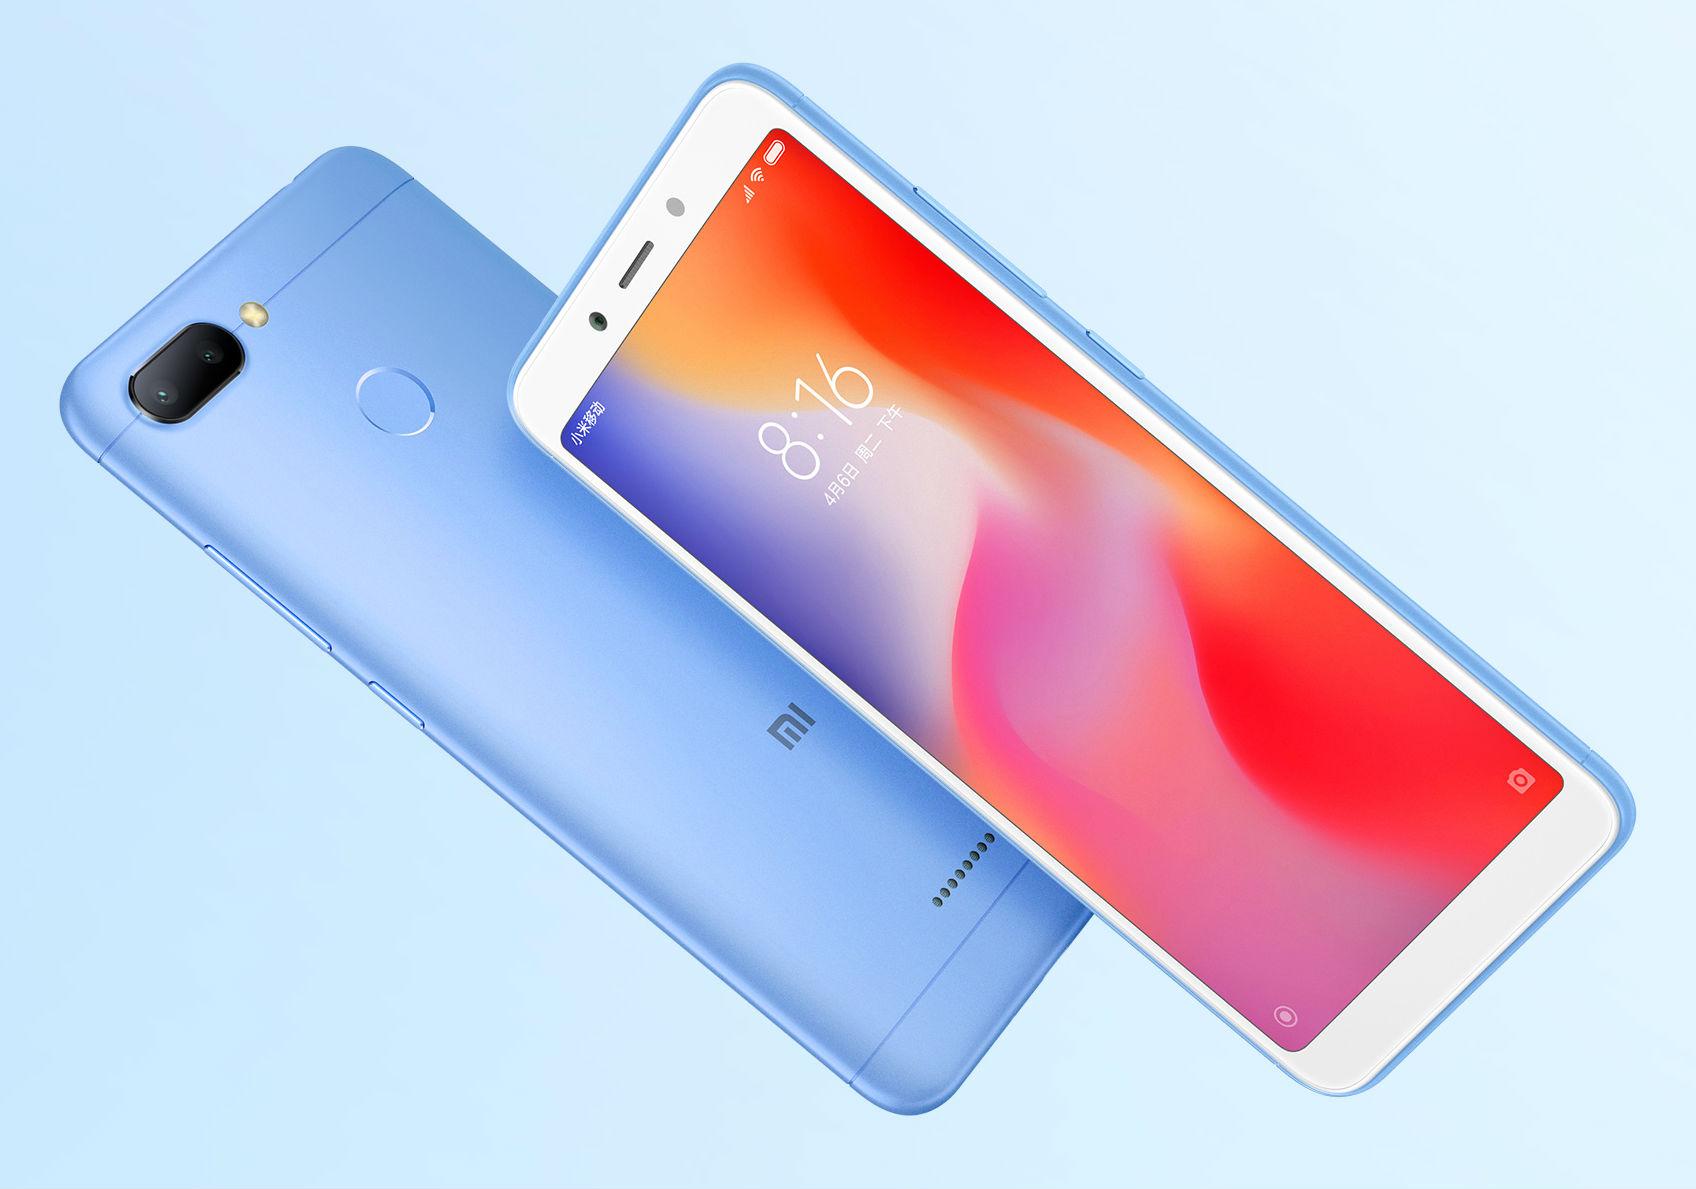 98a328da2c56f Xiaomi представила недорогой смартфон с двойной камерой – Redmi 6 ...